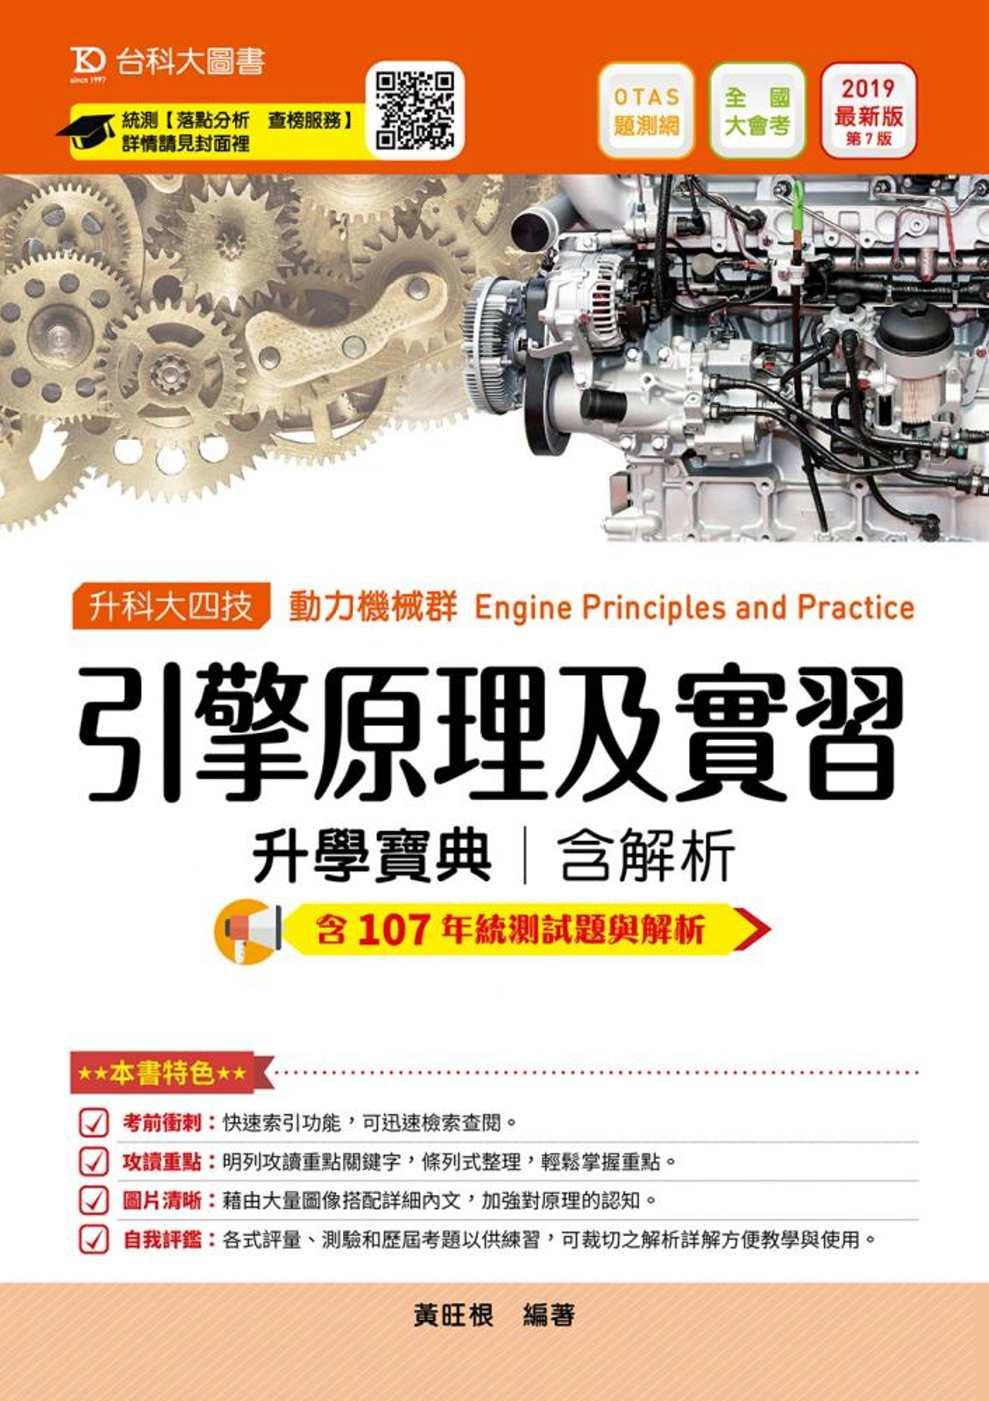 升科大四技動力機械群引擎原理及實習升學寶典含解析2019年最新版(第七版)(附贈OTAS題測系統)